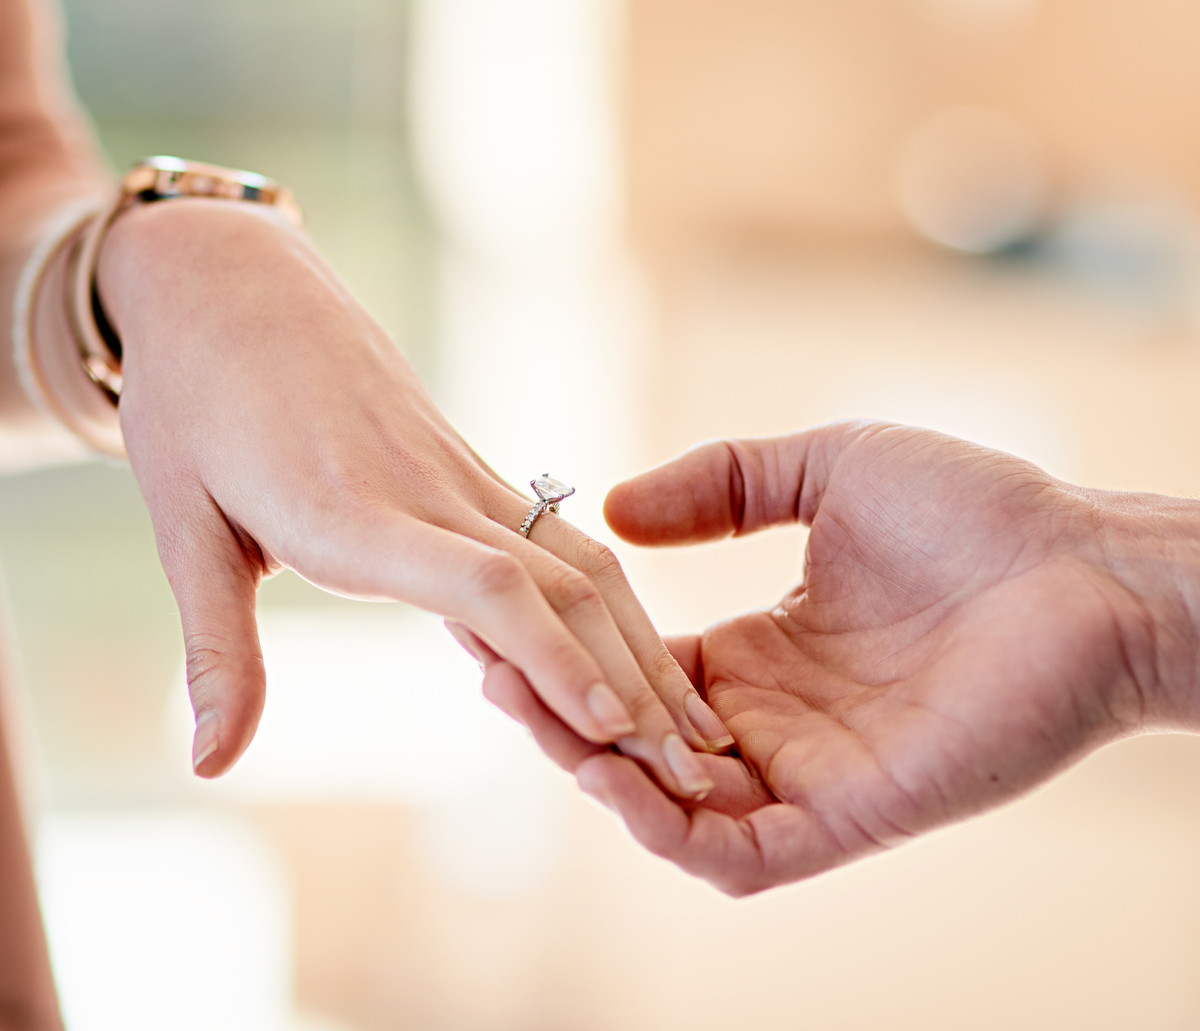 結婚相手に求める年収はいくら?現実的な数字も知り条件を定めよう